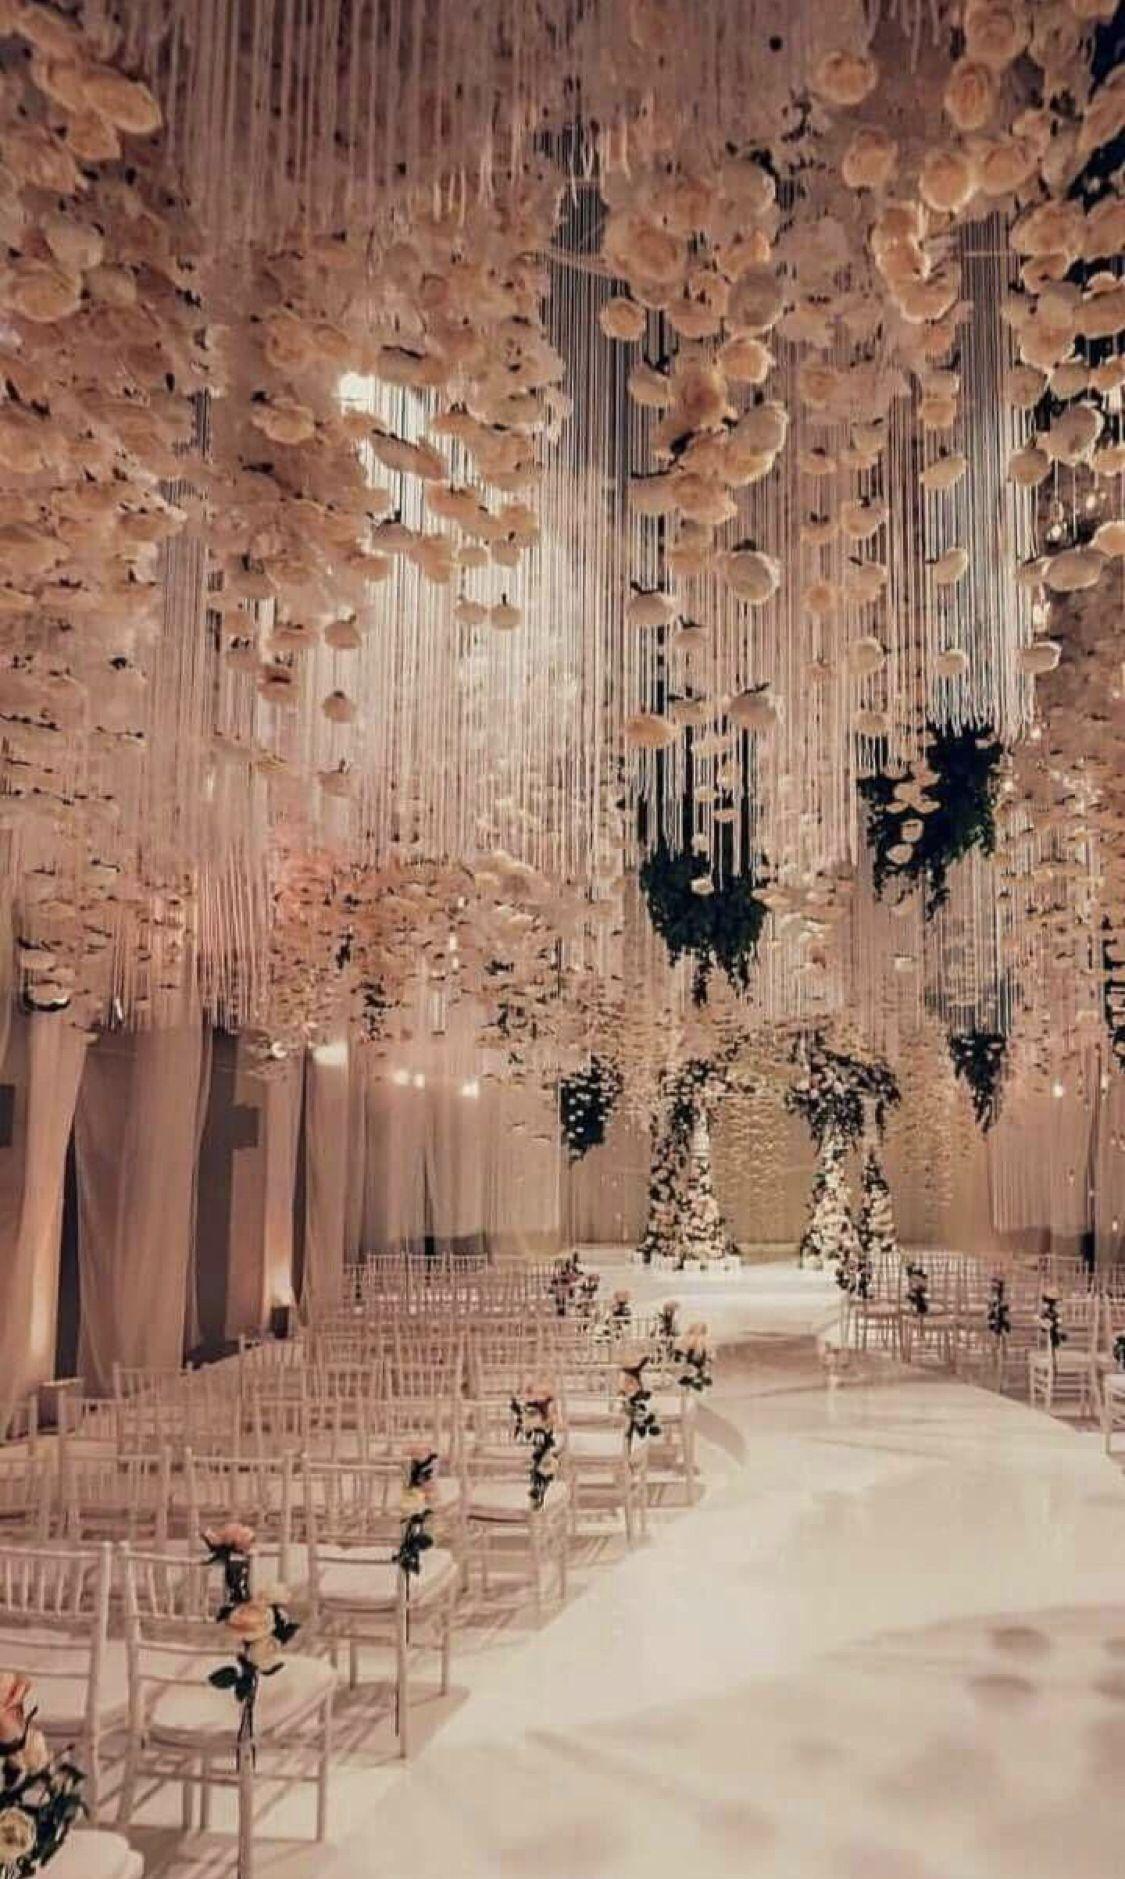 Beautiful Wedding Venues Indoor Wedding Ceremonies Wedding Stage Decorations Wedding Ceremony Decorations Indoor